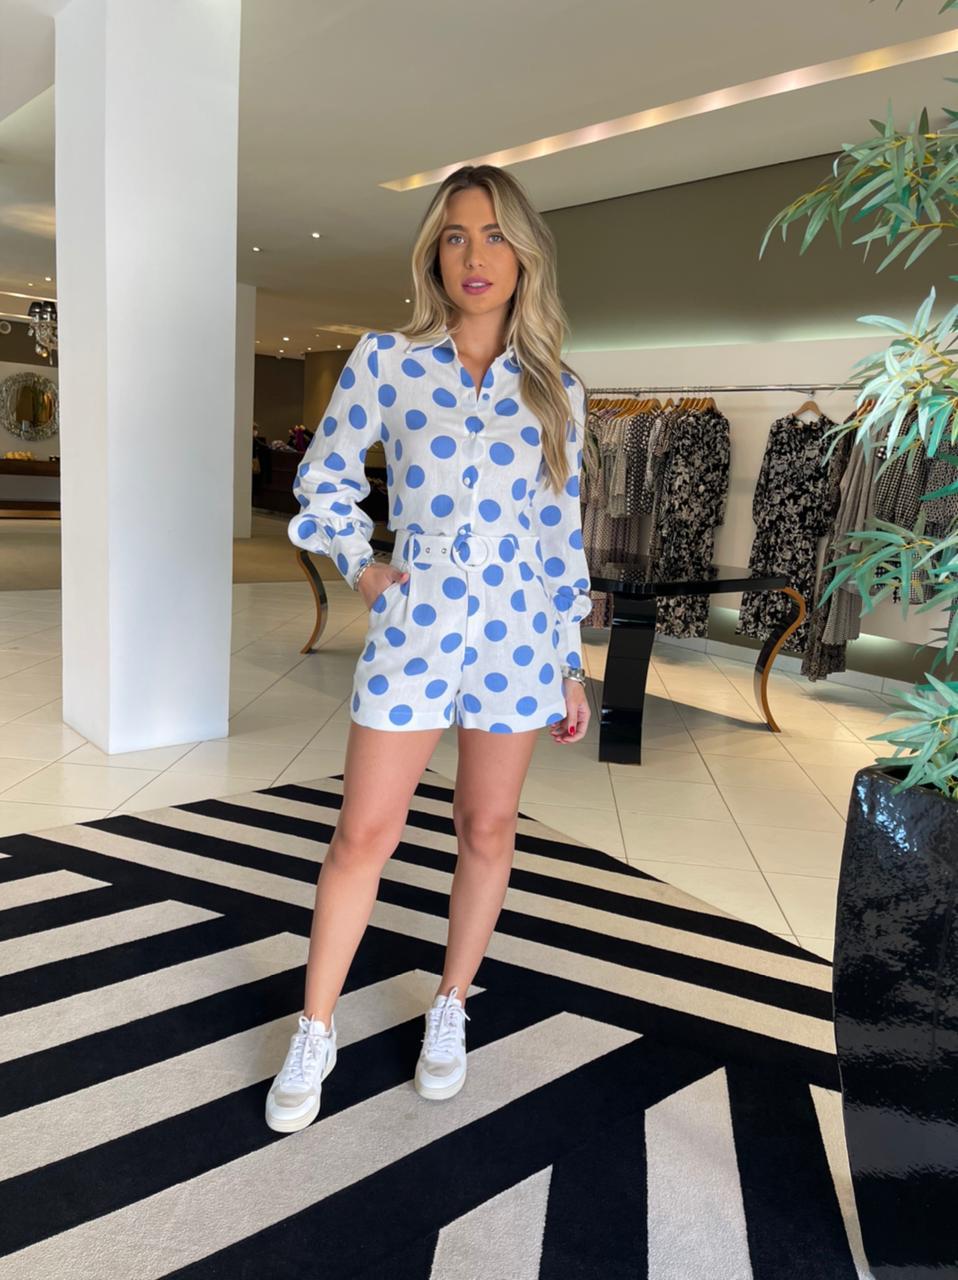 Shorts c/ cinto em linho polka Azul -